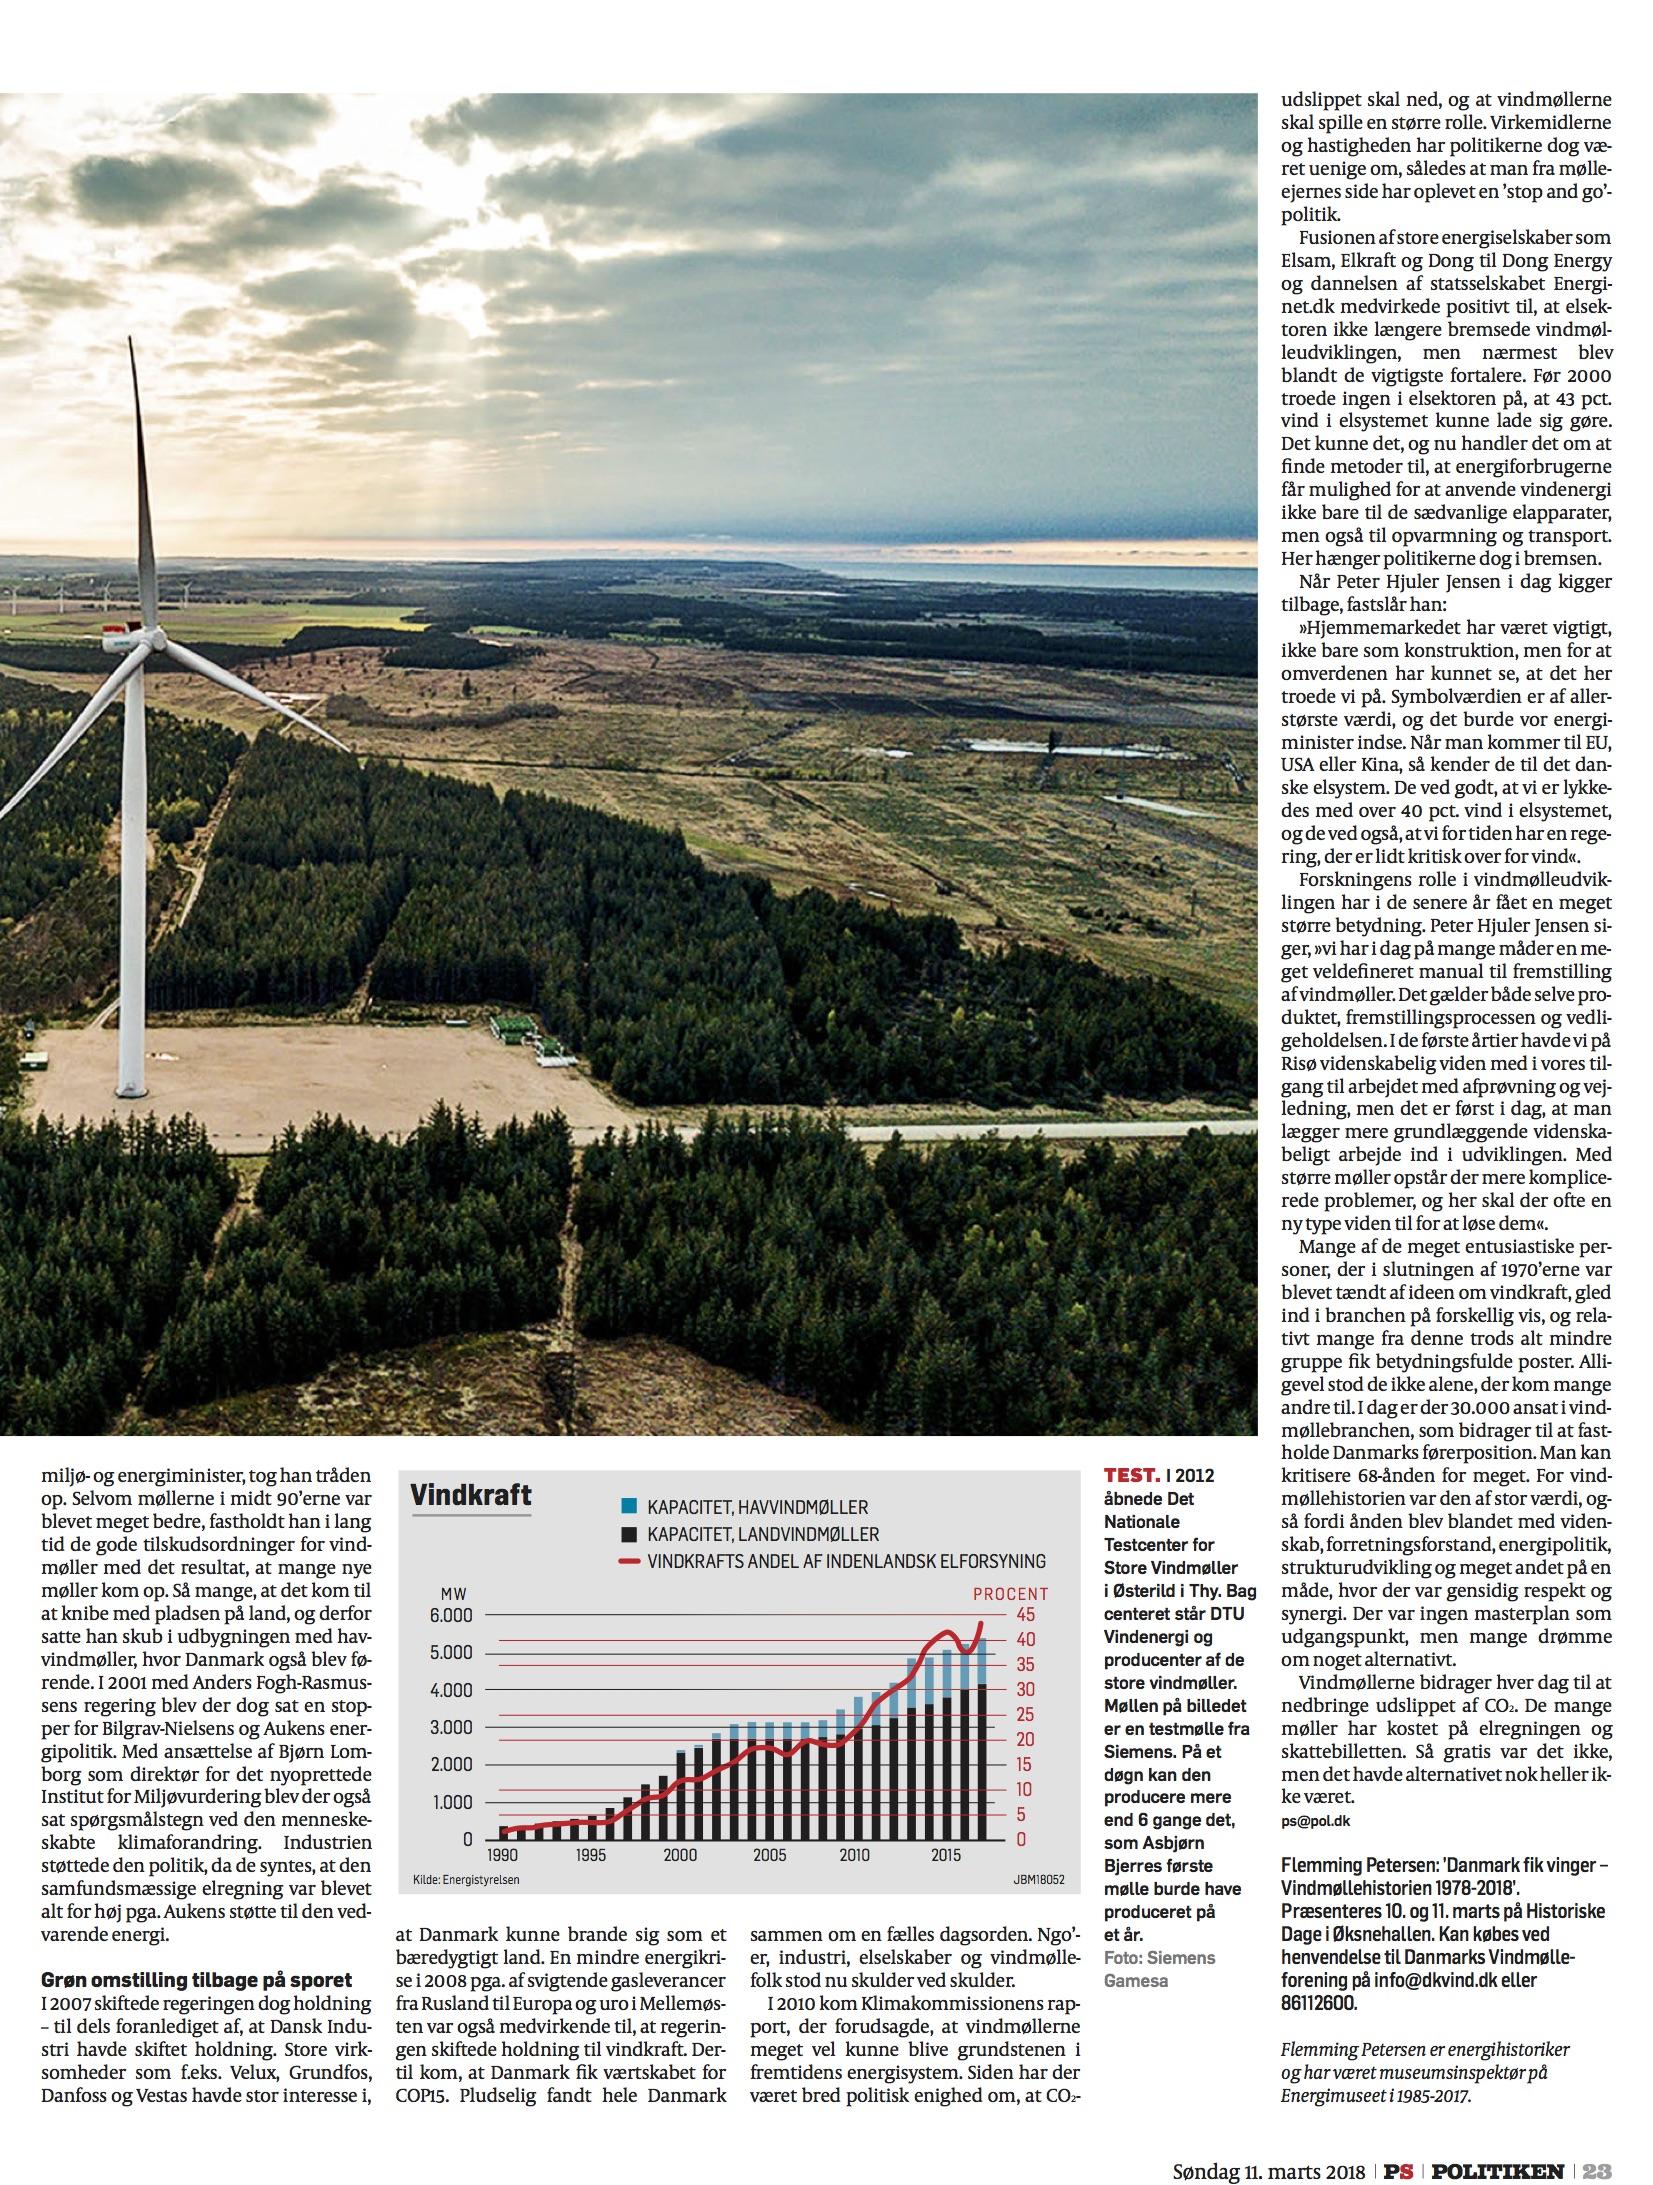 Da Danmark fik vindmøller - Politikken 10.marts4.jpg